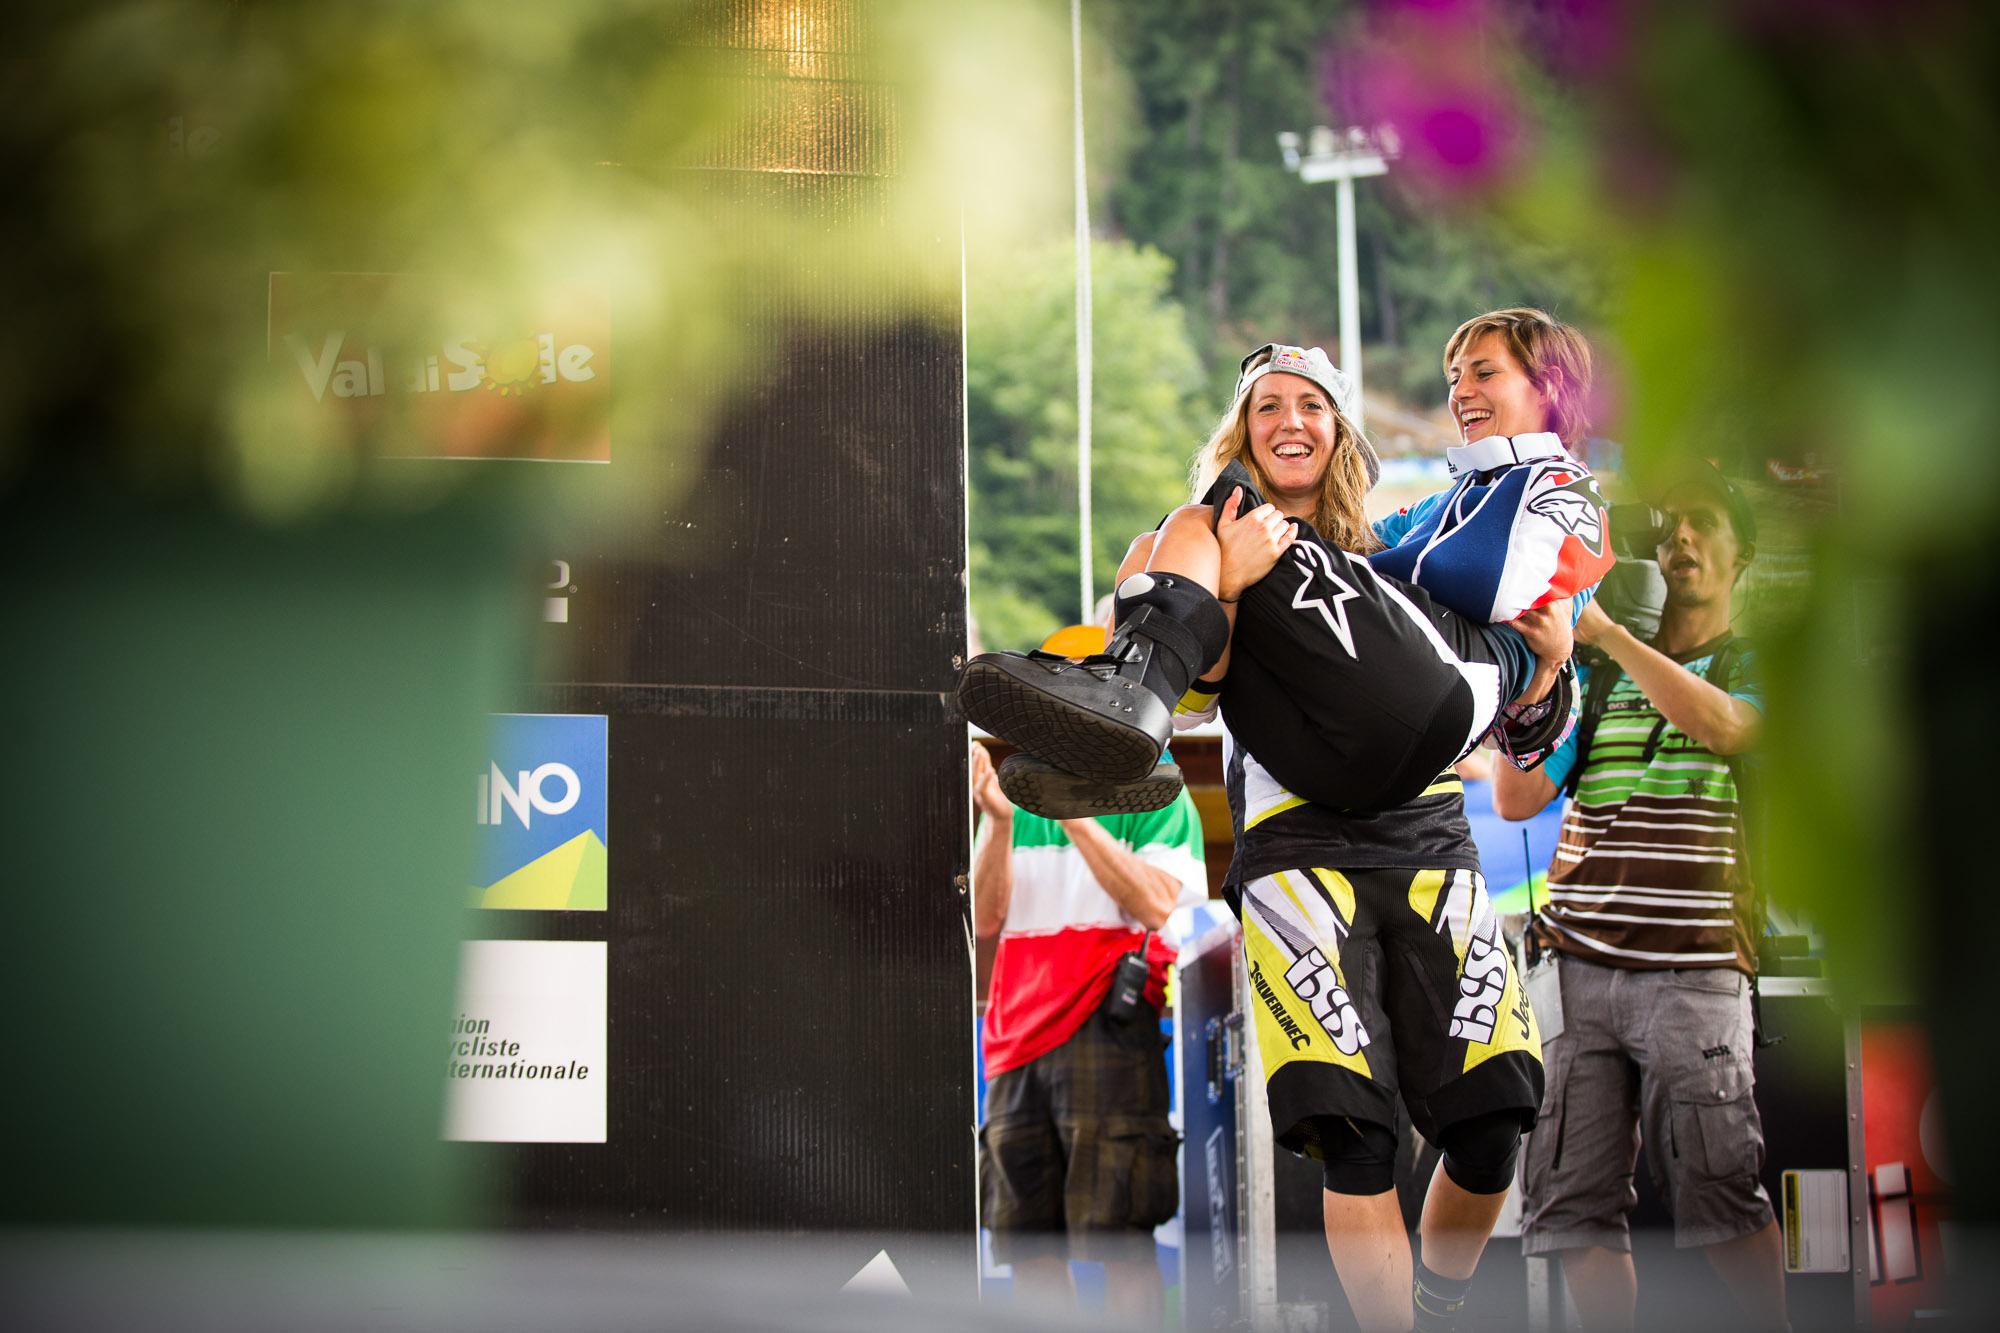 Emmeline Ragot kann seit ihrem Crash in Mont Sainte Anne noch nicht laufen, weshalb Rachel ihr dabei behilflich war, auf die Bühne zu kommen.  Foto: Seb Schieck